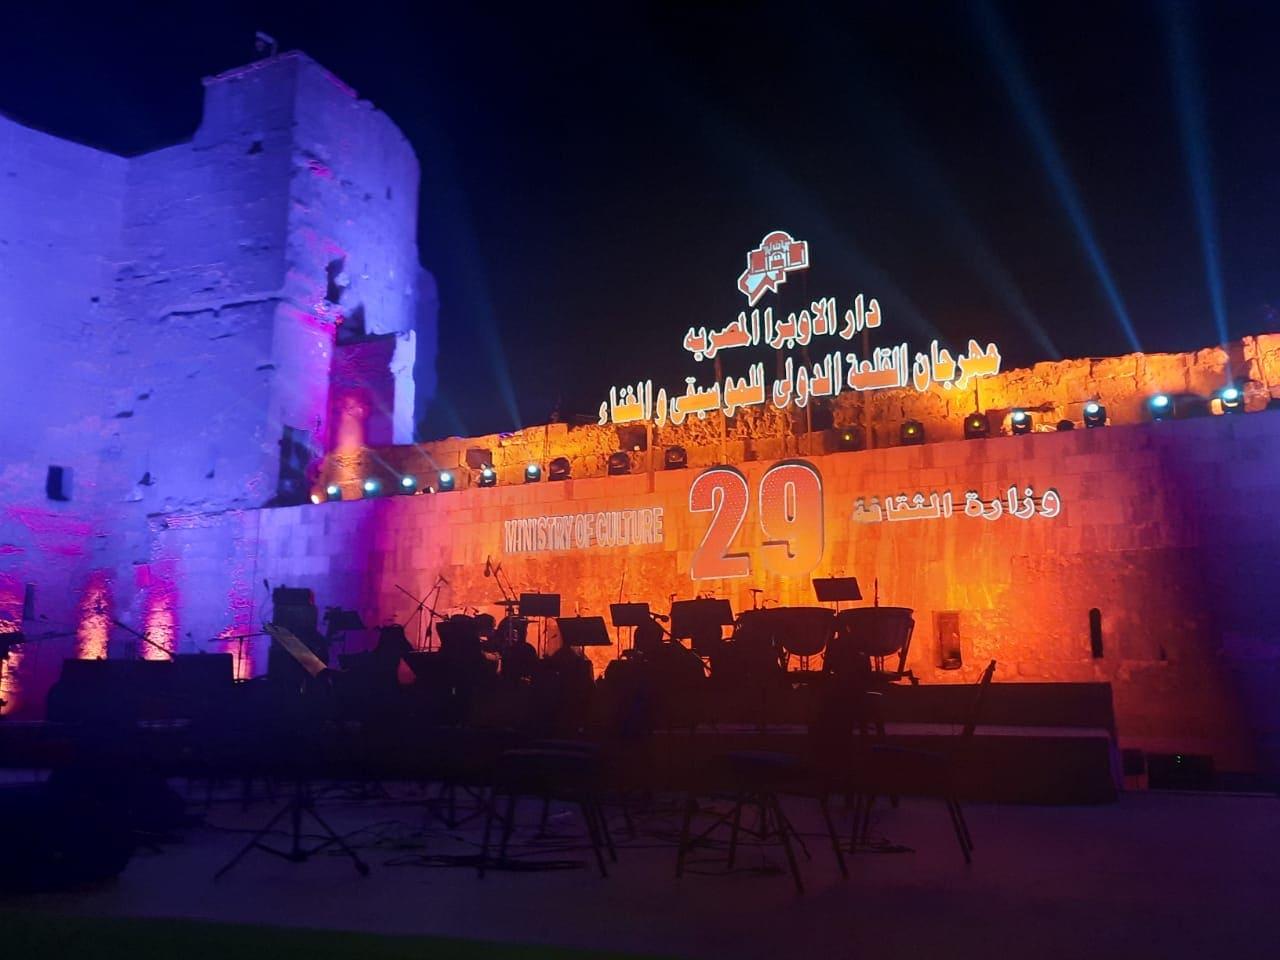 كمامات وبوابات تعقيم وإجراءات أمنية مشددة في افتتاح مهرجان قلعة صلاح الدين للموسيقى والغناء| صور